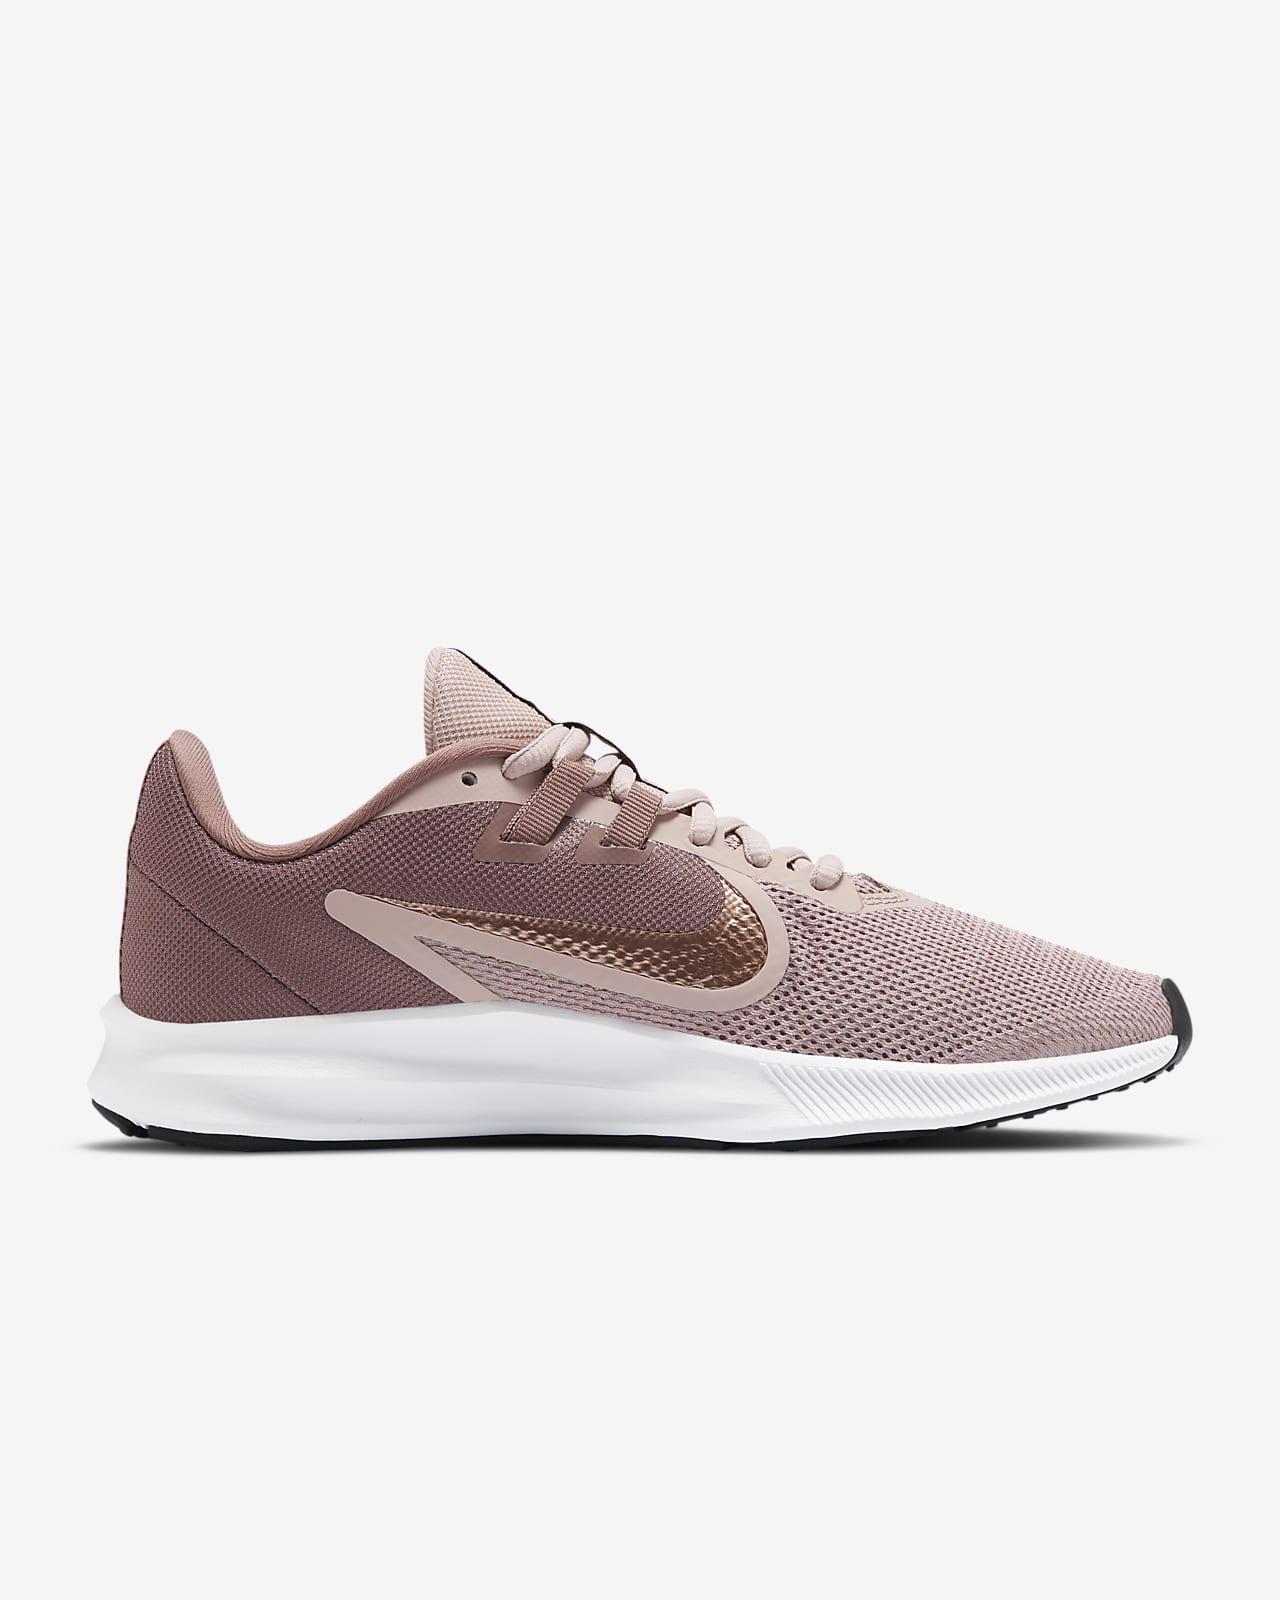 Prehistórico Rareza novato  Nike Downshifter 9 Women's Running Shoe. Nike ID